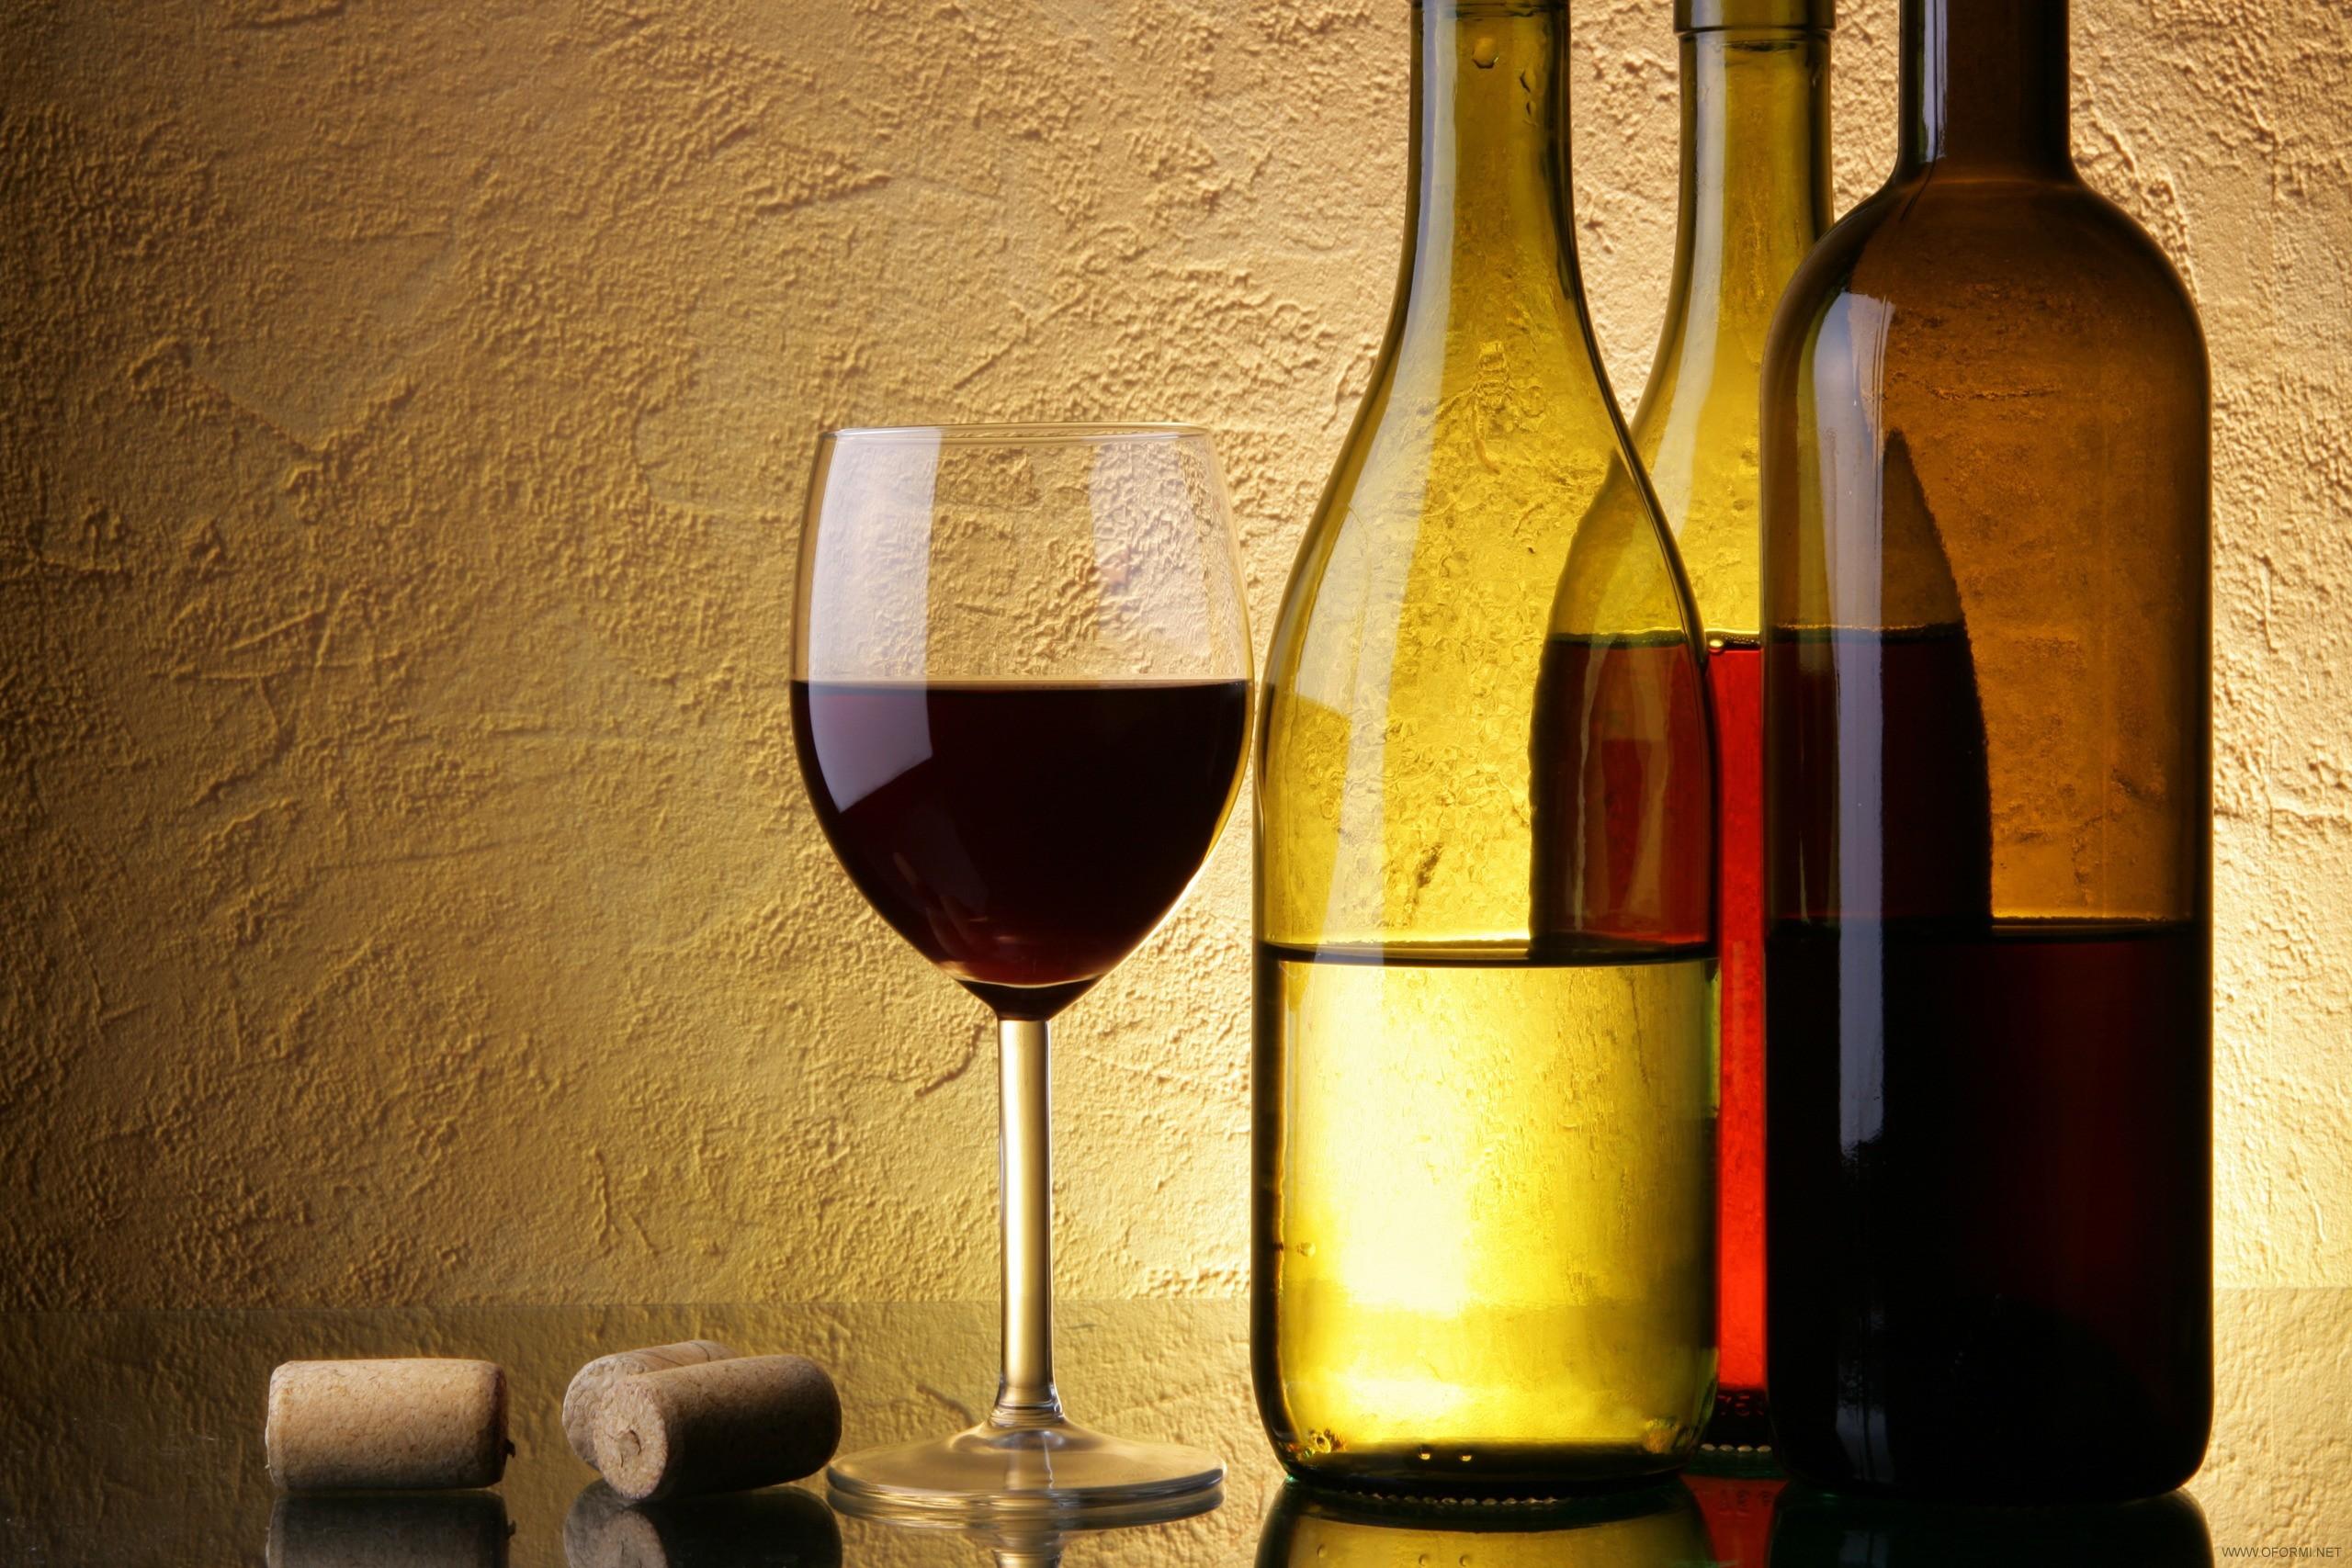 вина, скачать фото, обои для рабочего стола, фужер с вином, скачать фото